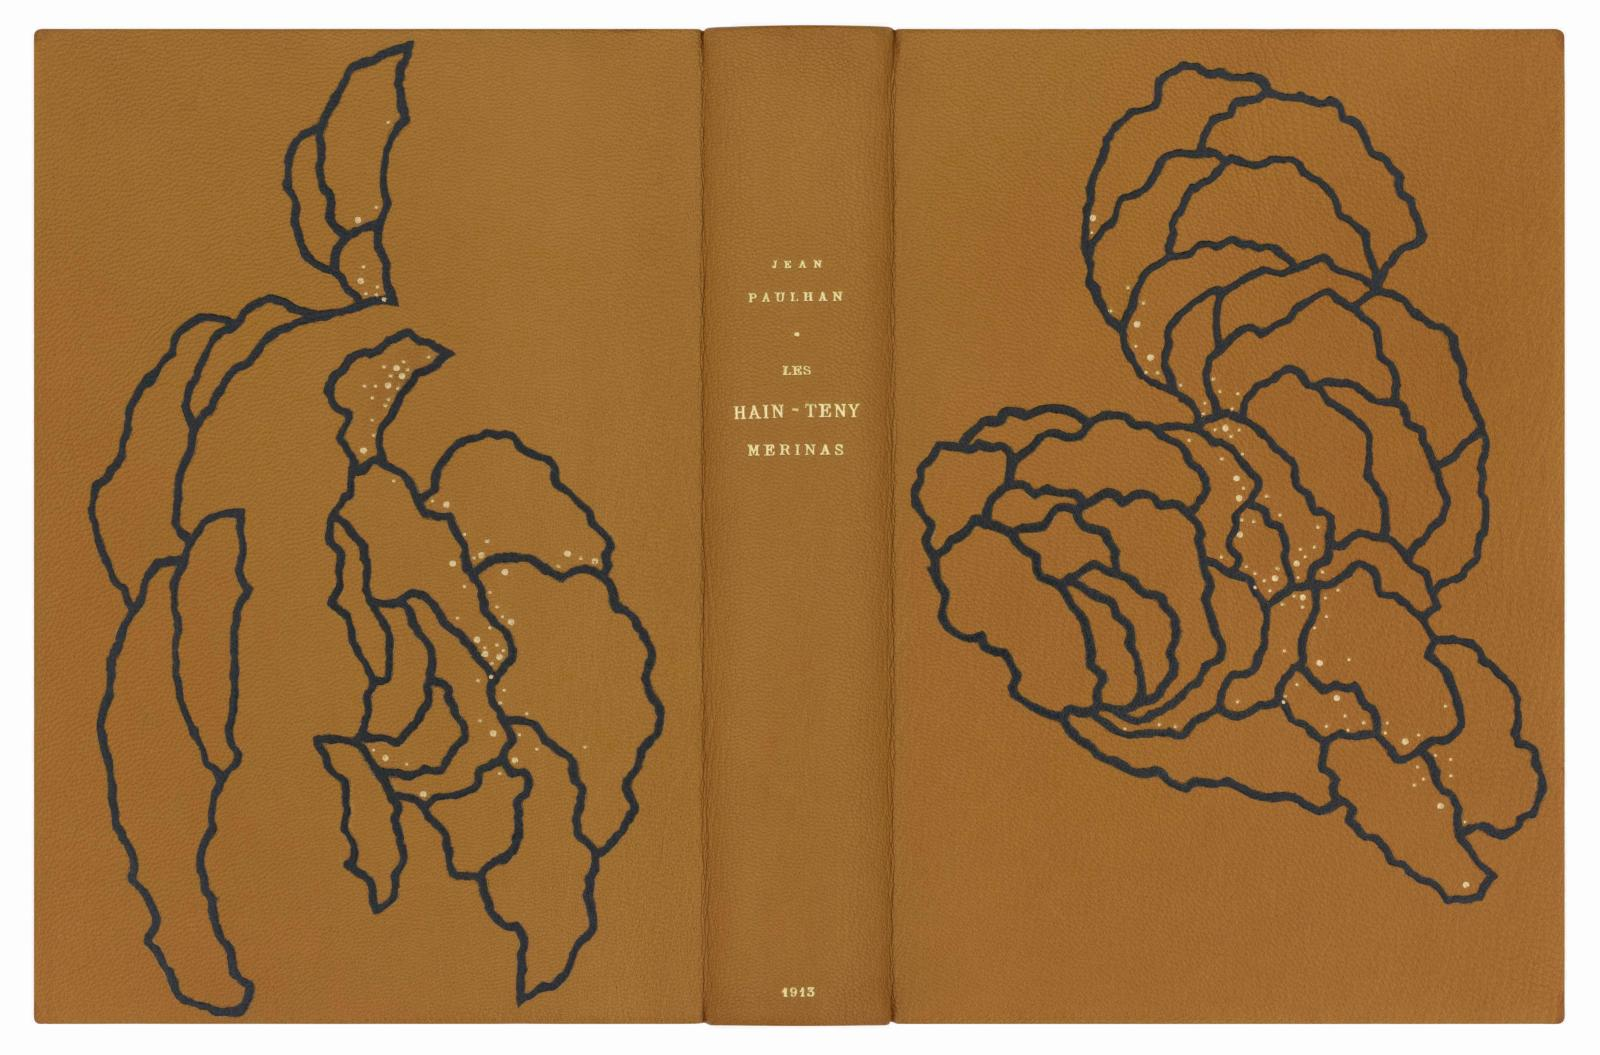 Morina Mongin, reliure pour Les Hain-Teny Merinas de Jean Paulhan.Librairie Vignes.